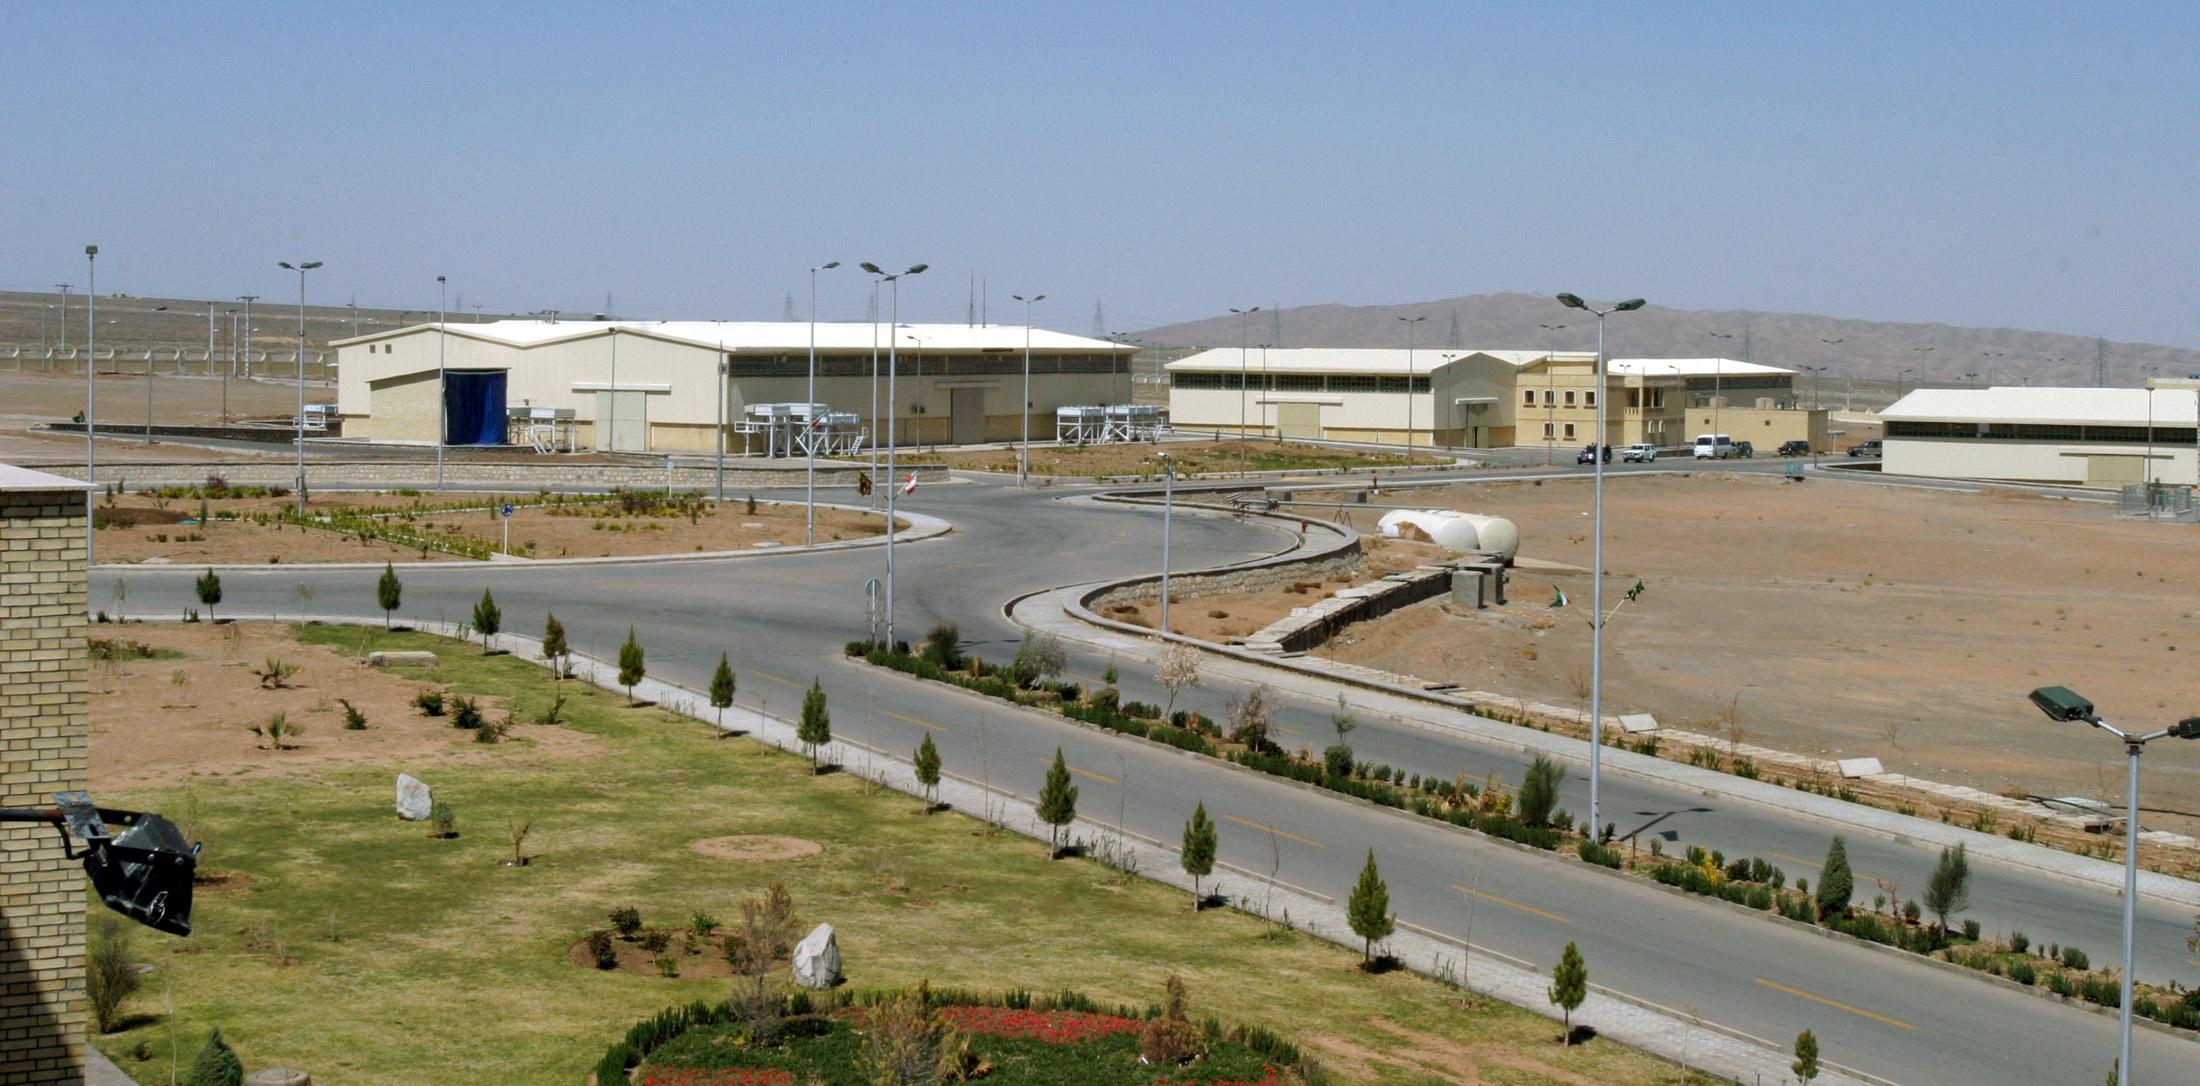 Ιράν: Πράξη «τρομοκρατίας» το πυρηνικό ατύχημα στις εγκαταστάσεις της Νατάνζ